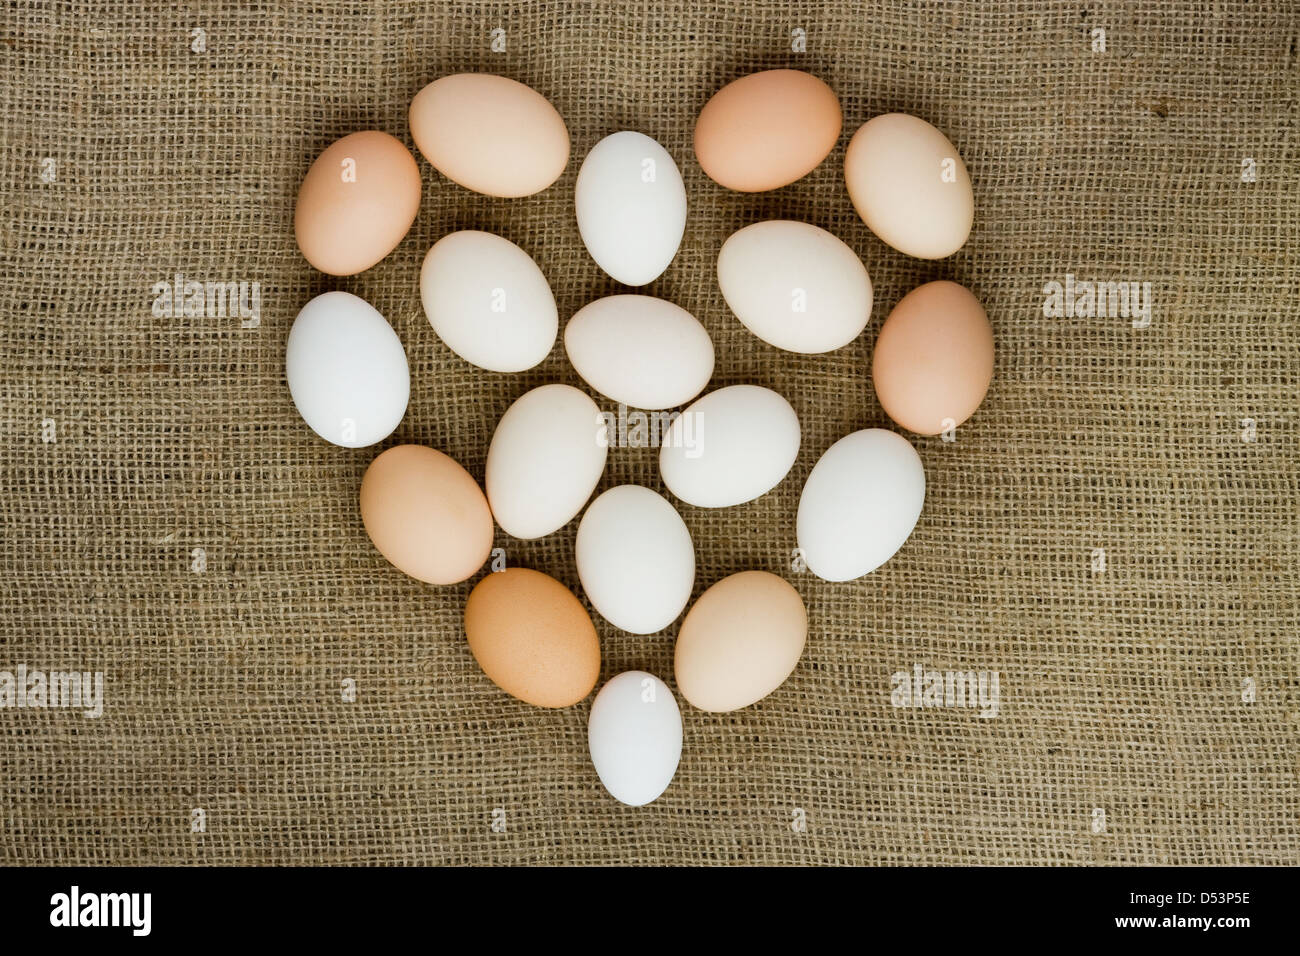 Uova fresche dalla fattoria, forma di cuore Immagini Stock